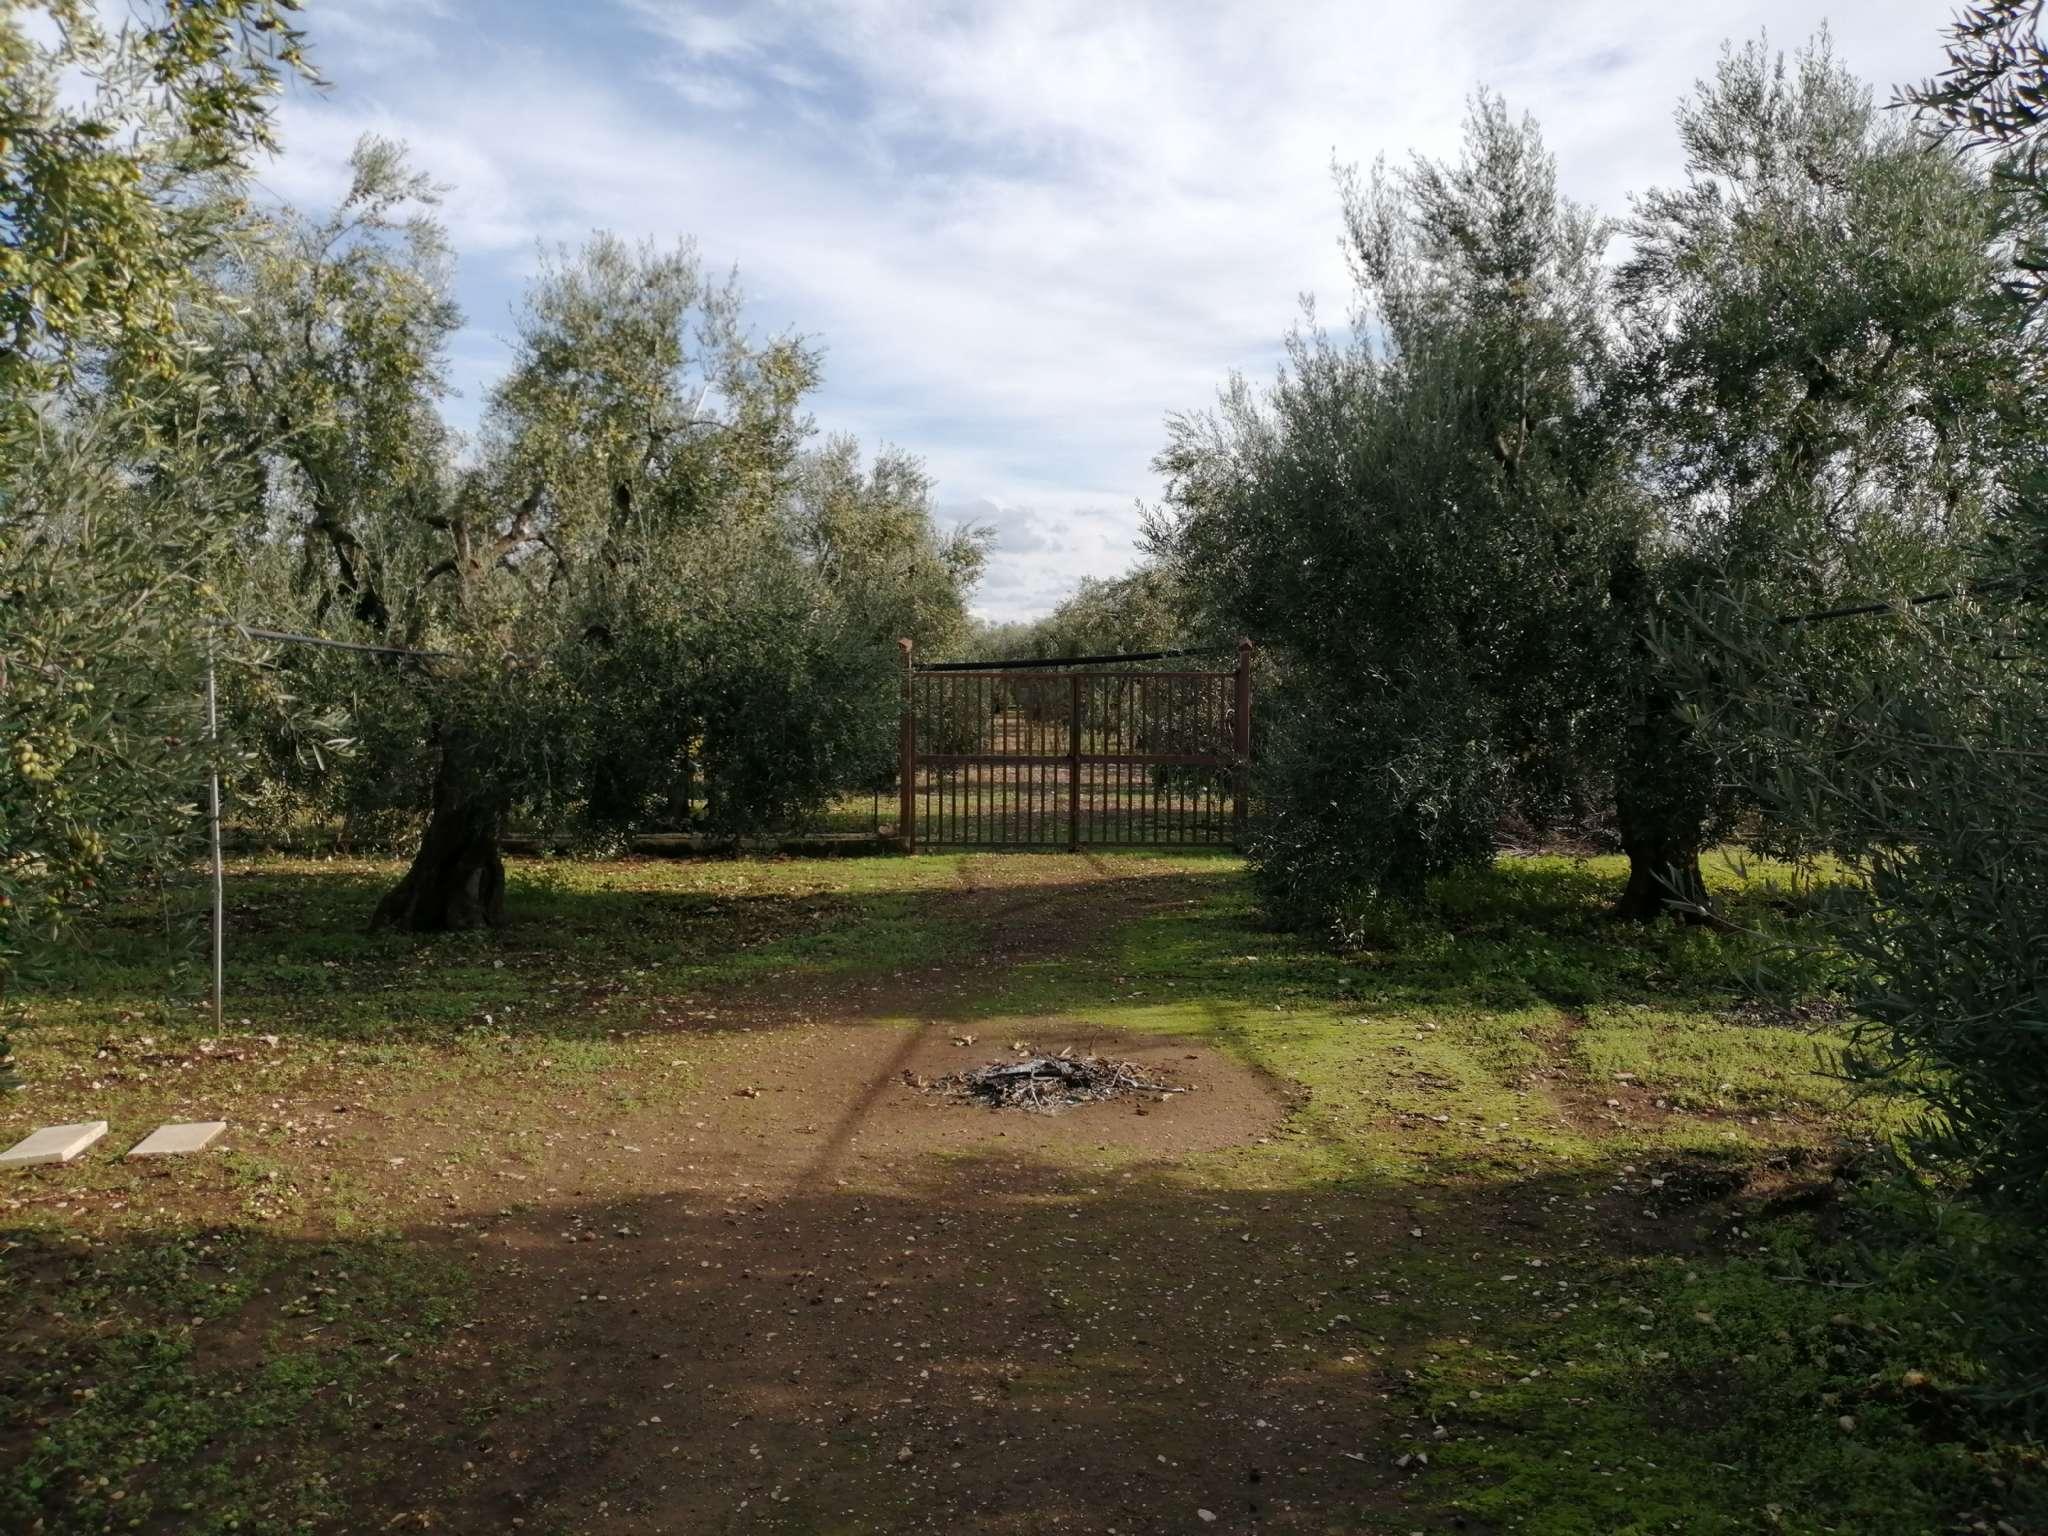 Terreno Agricolo in vendita a Bisceglie, 9999 locali, prezzo € 22.000 | CambioCasa.it